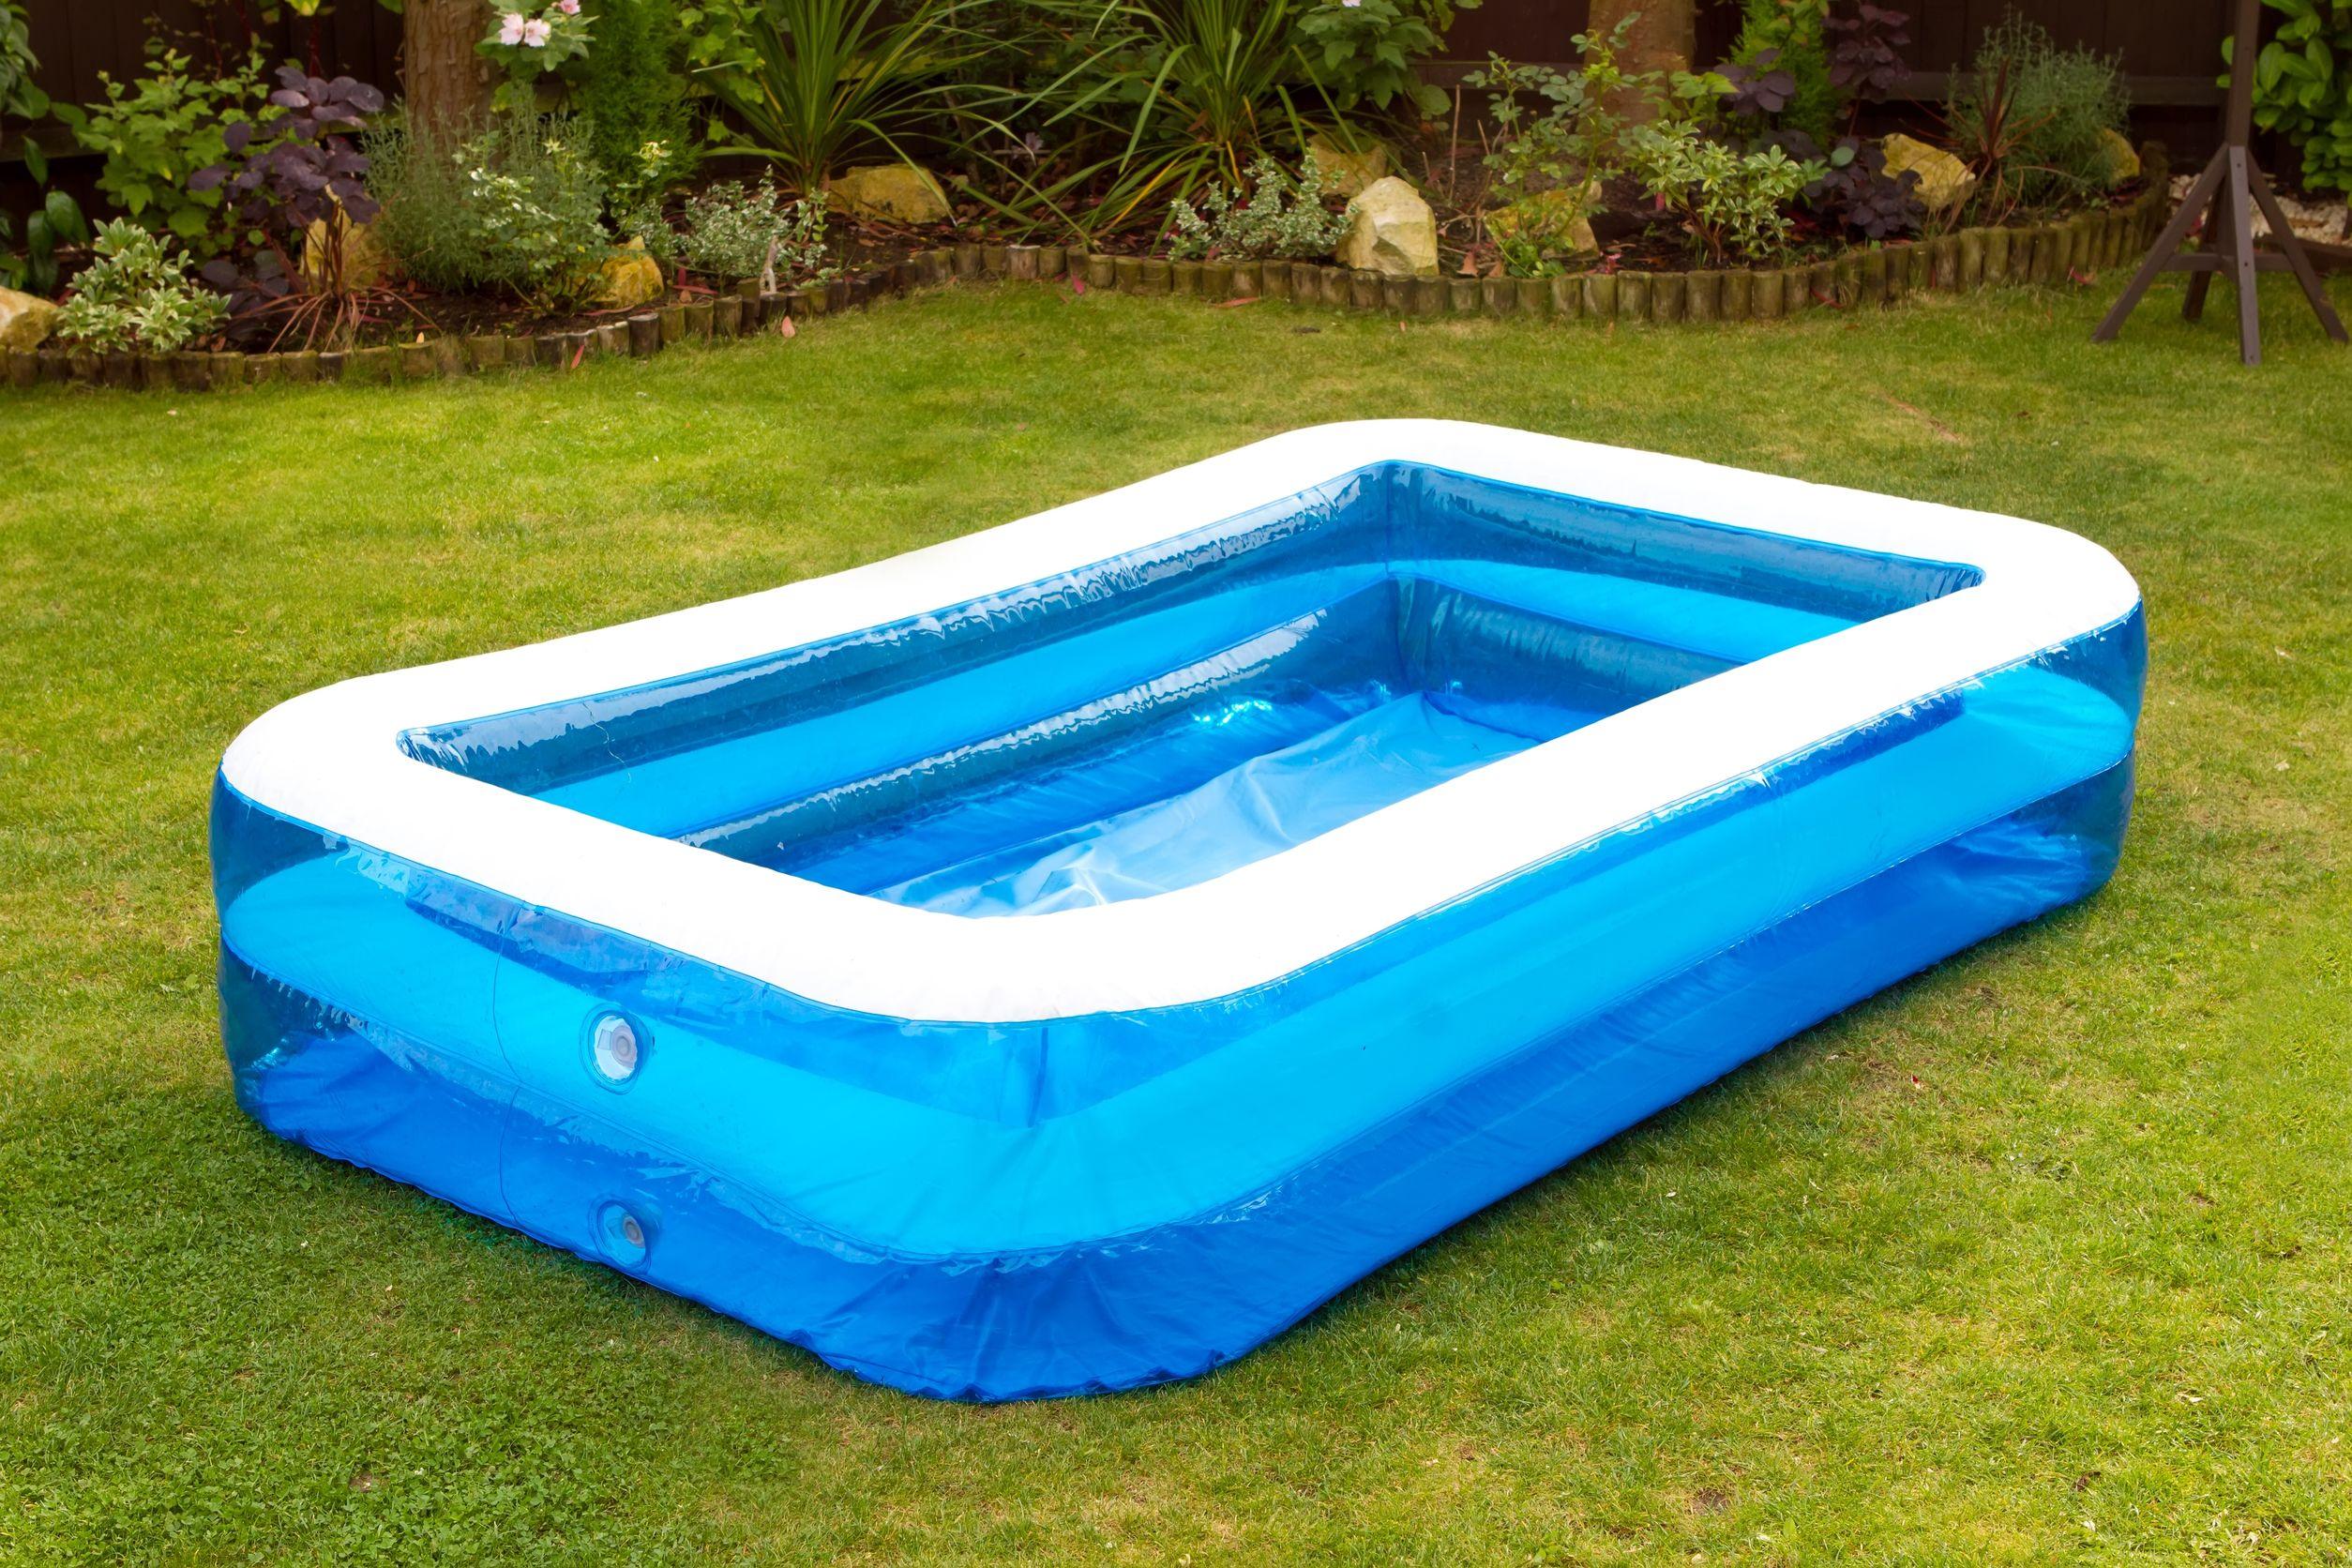 Una piscina inflable en un jardín Inglés